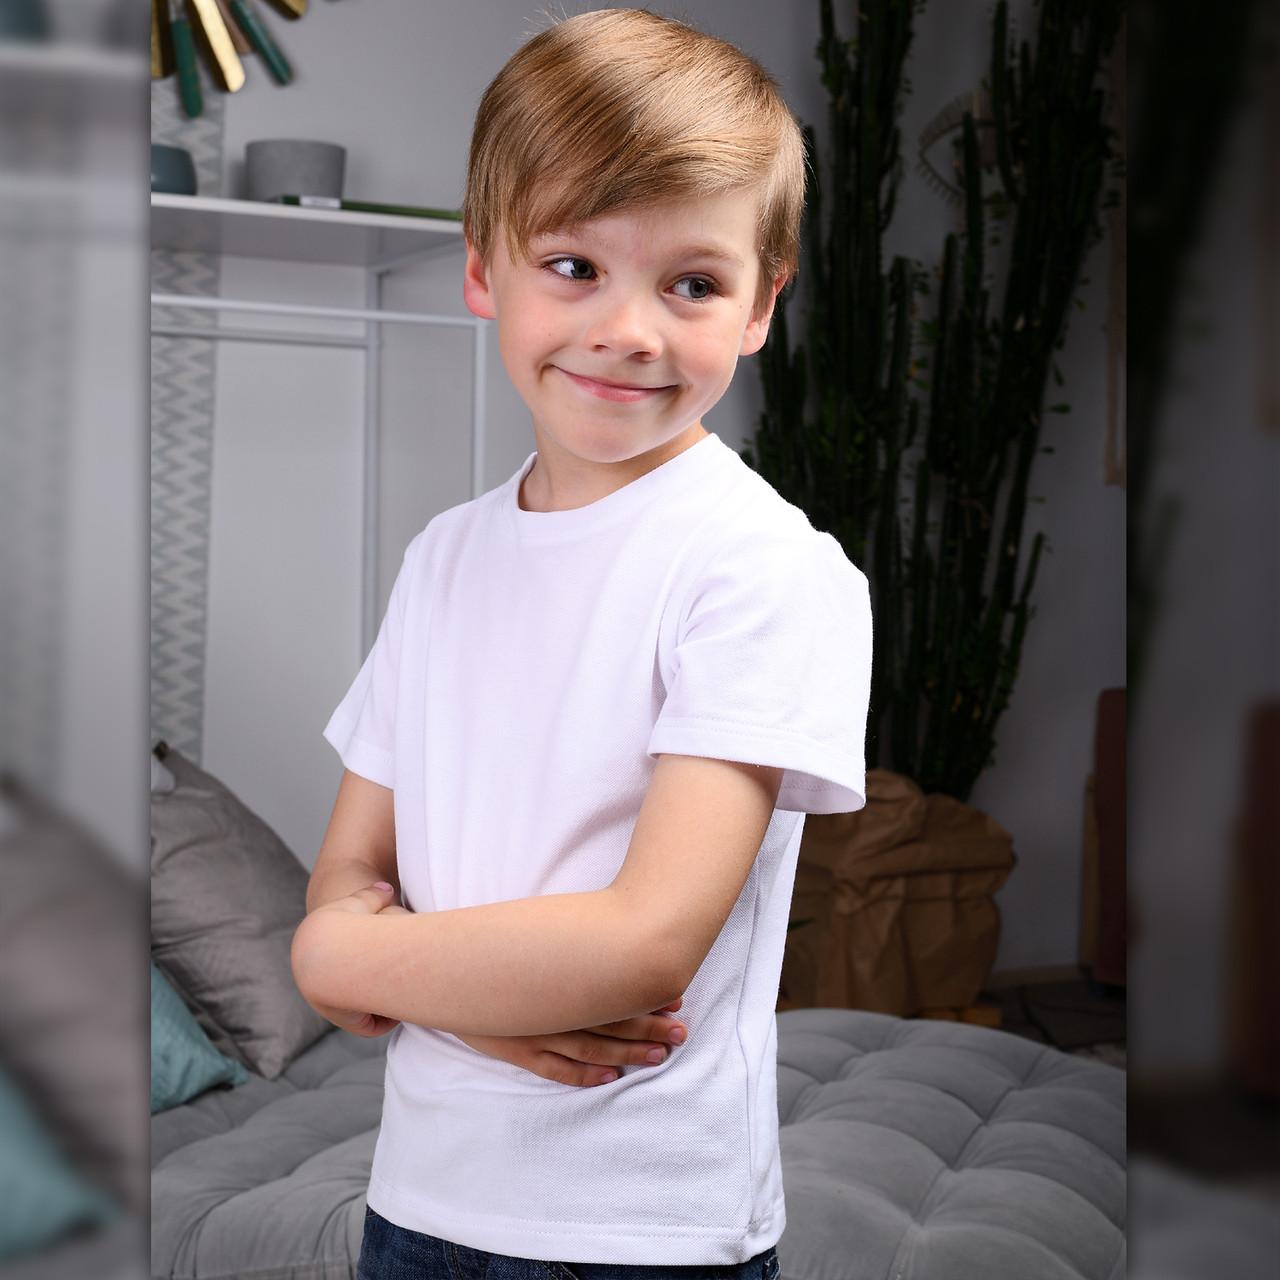 Детская футболка Белая из полотна-лакоста для мальчиков и девочек | Дитяча футболка Біла